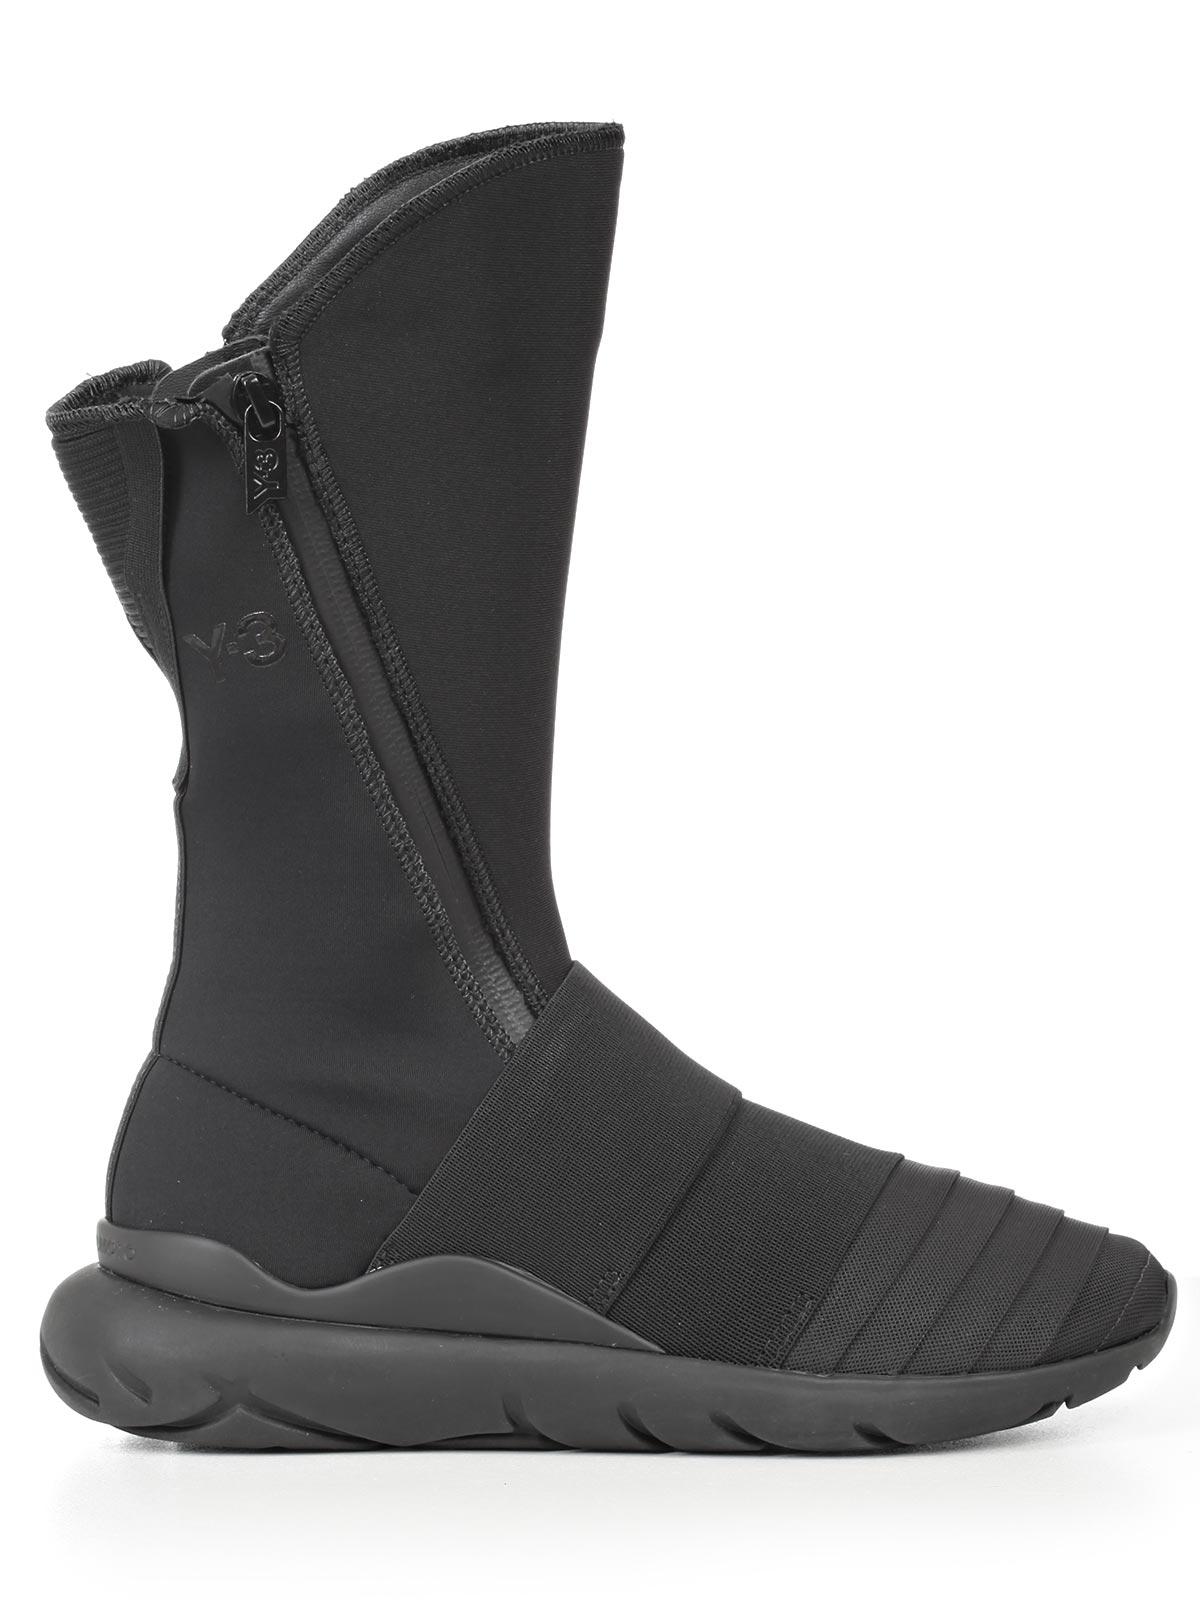 Picture of Y-3 YOHJI YAMAMOTO ADIDAS  Footwear